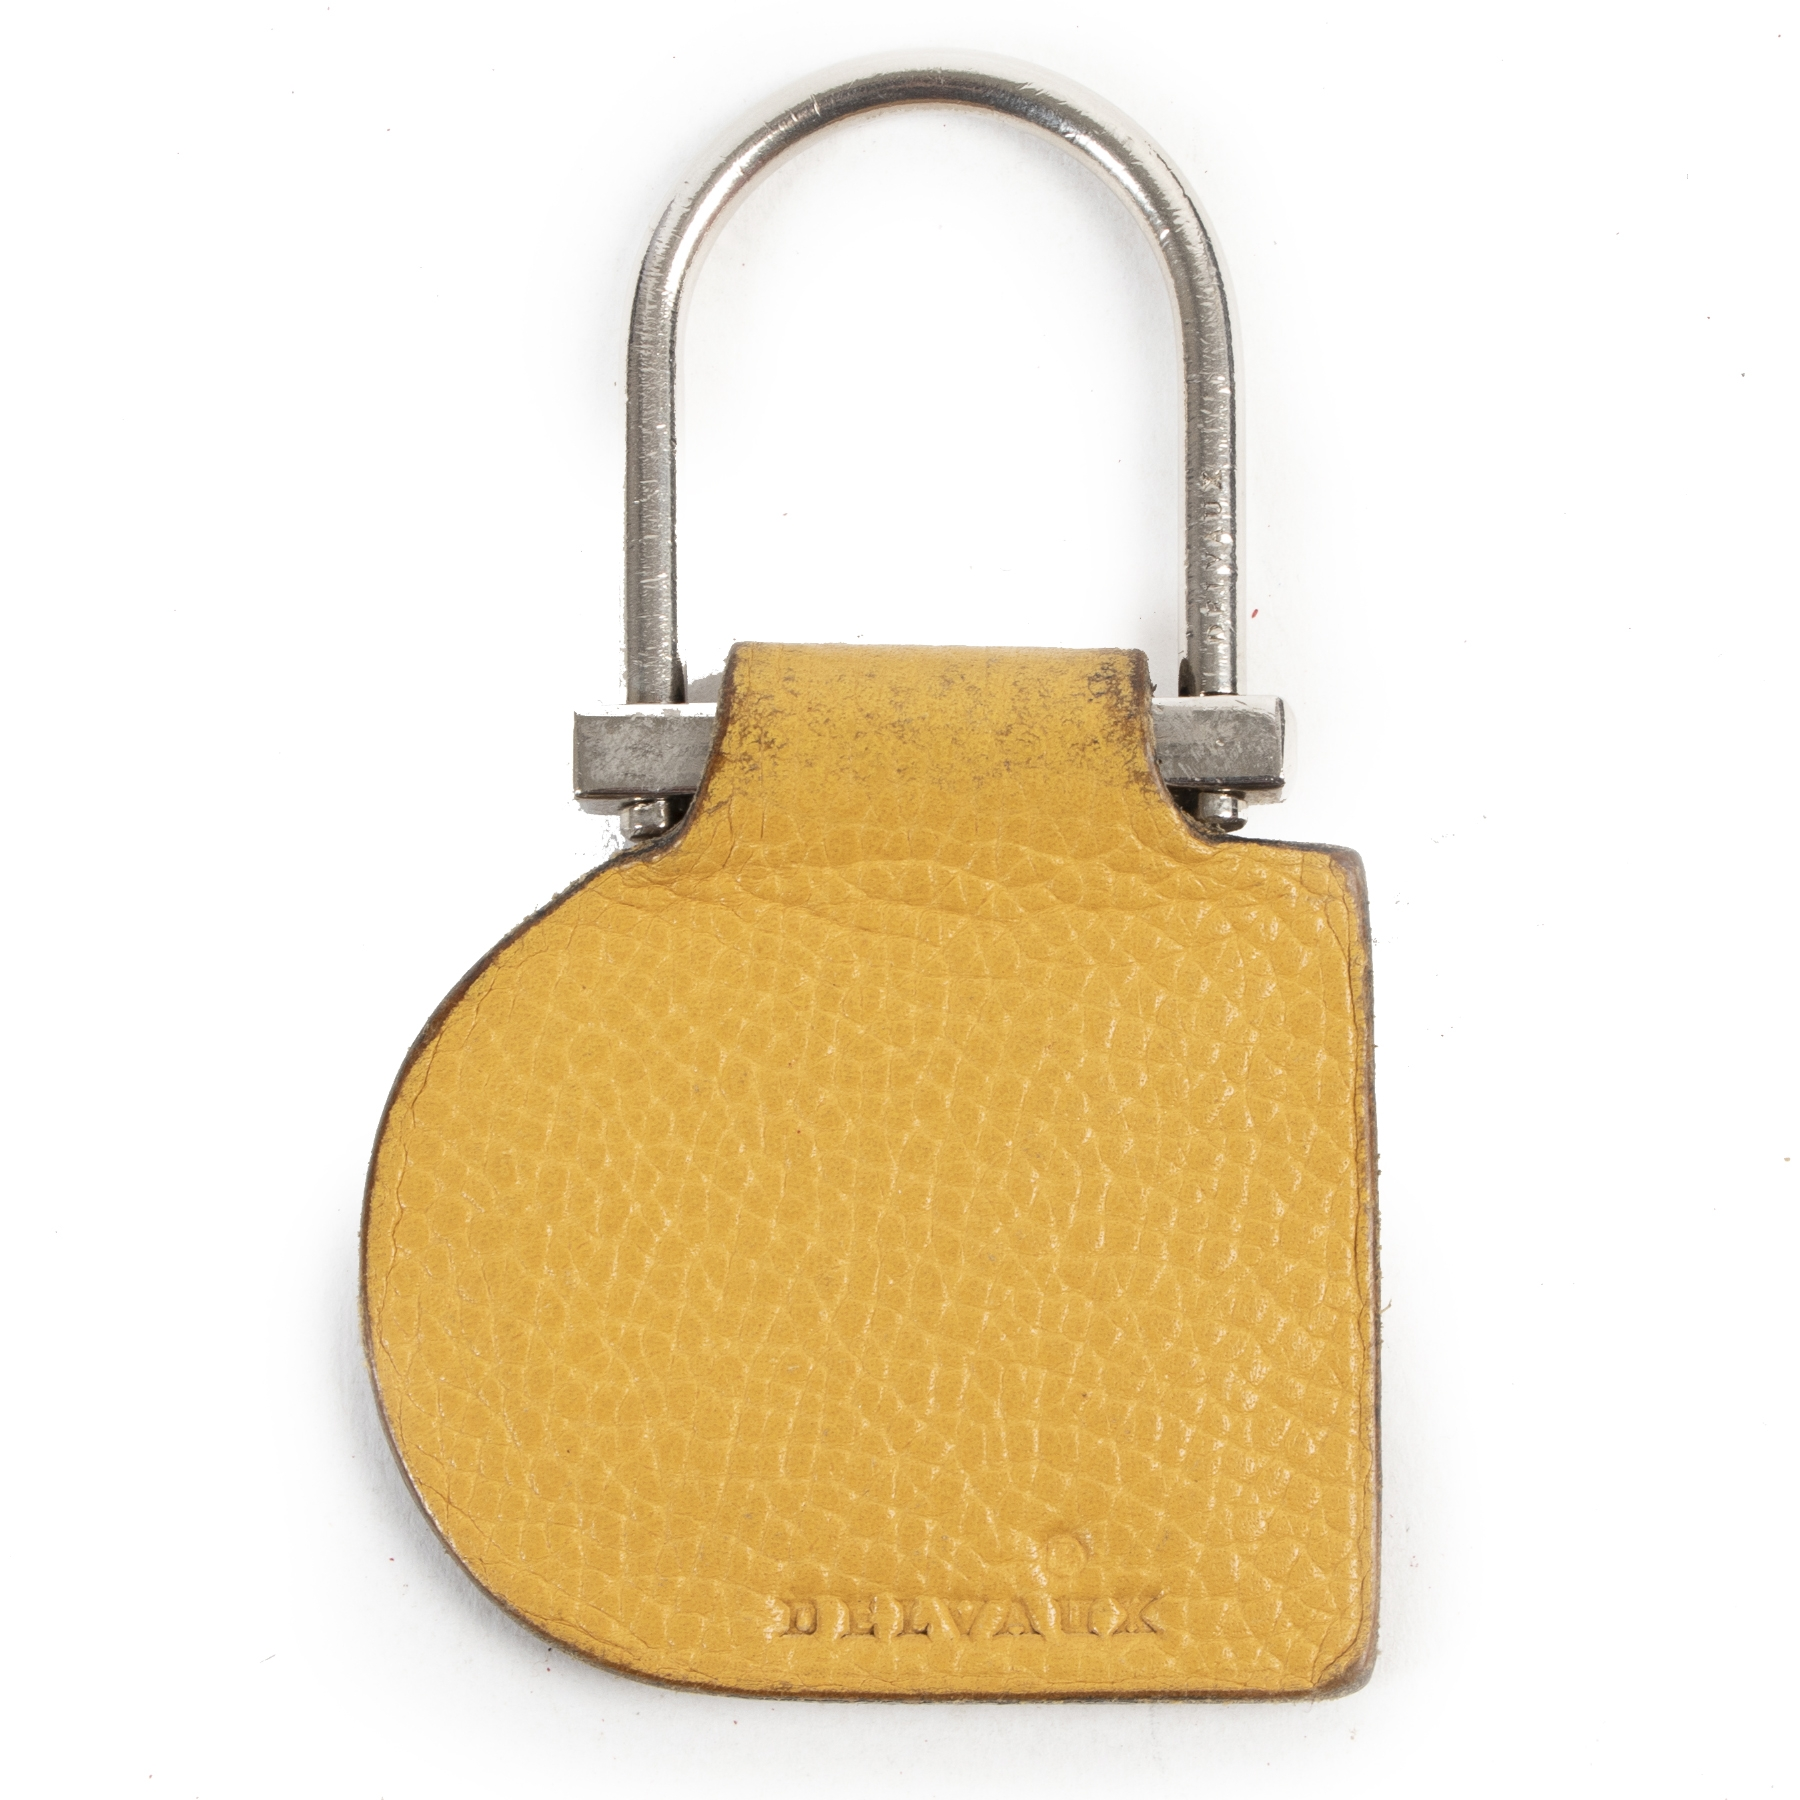 Authentieke Tweedehands Delvaux Yellow Leather Keychain juiste prijs veilig online shoppen luxe merken webshop winkelen Antwerpen België mode fashion